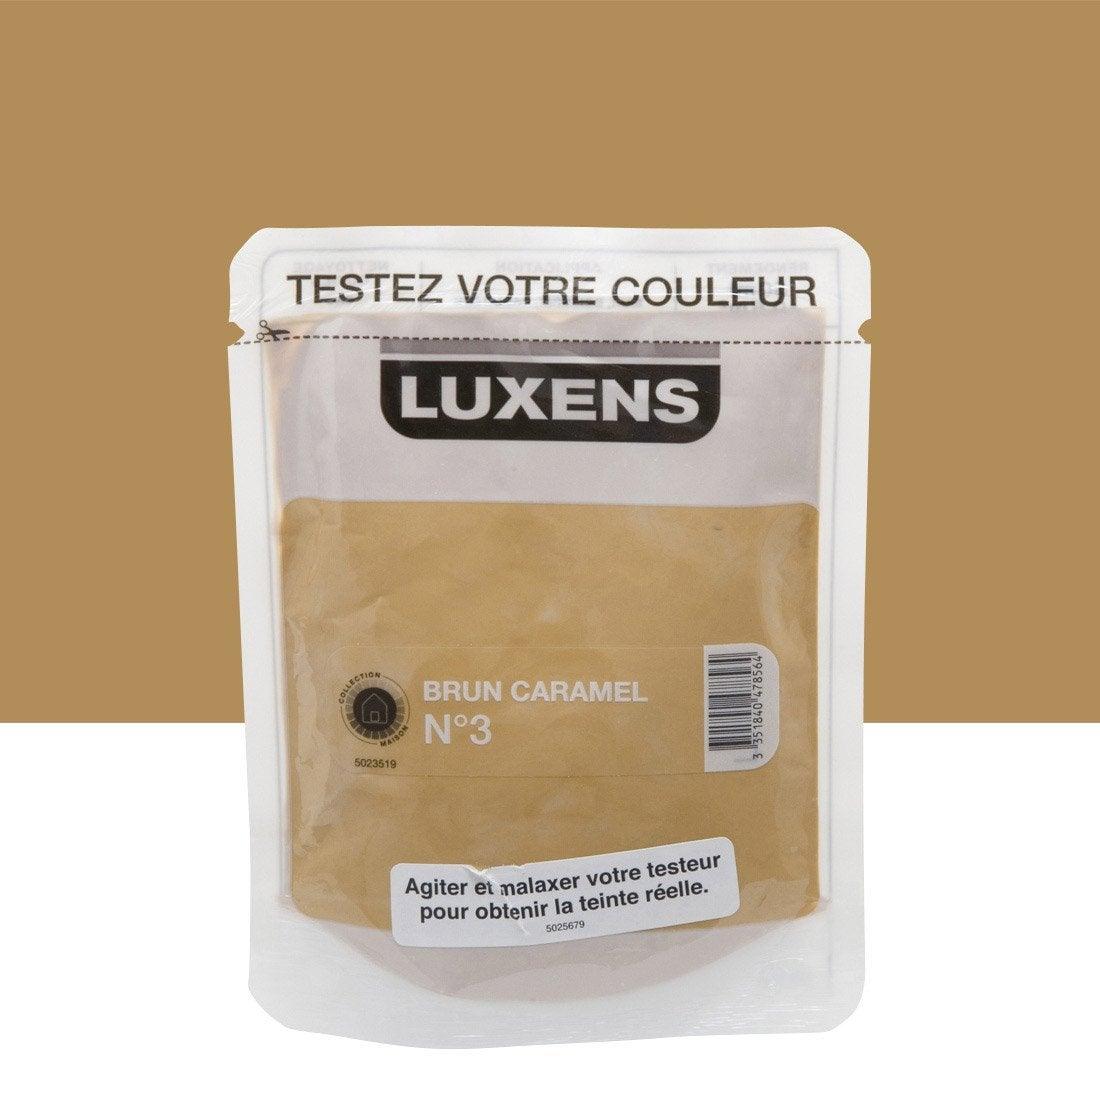 Testeur peinture couleurs int rieures satin luxens brun caramel n 3 l leroy merlin for Peinture couleur caramel